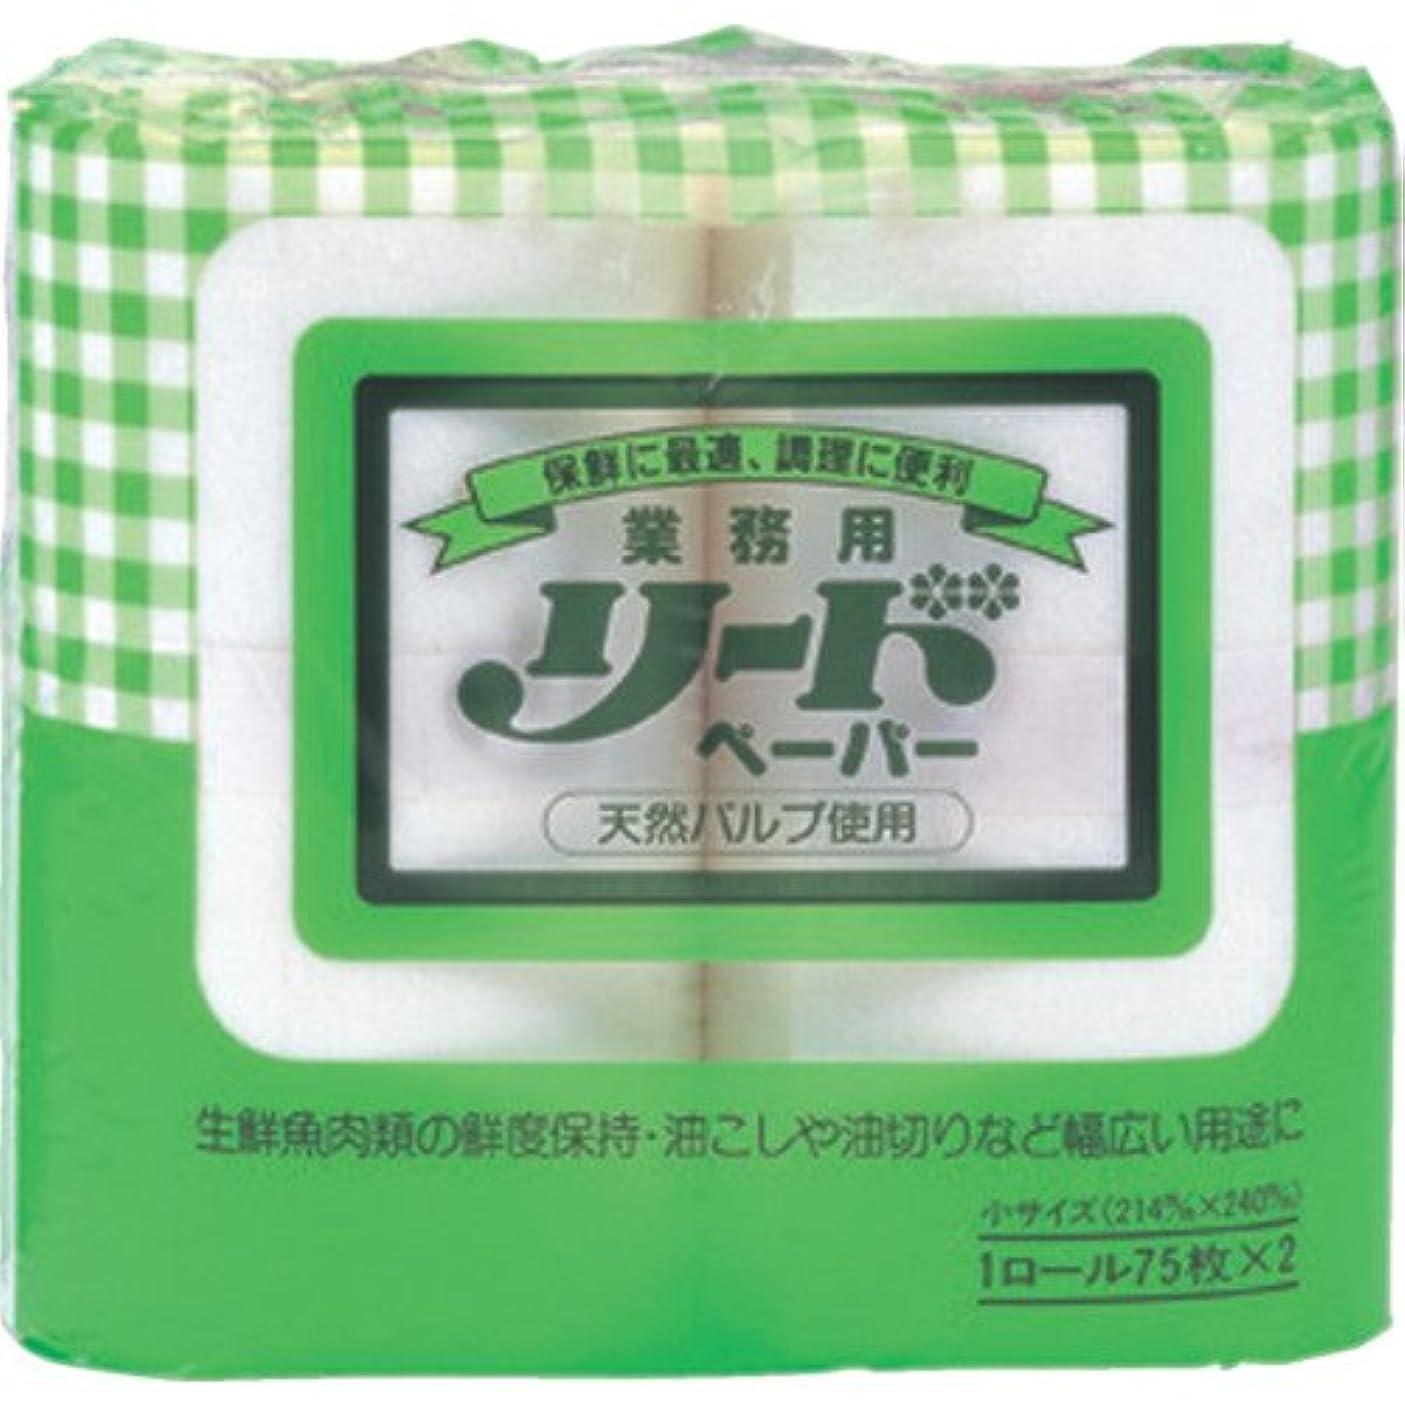 ひねり役員戦術【業務用】リードペーパー 調理ペーパー 小サイズ 75枚×2ロール